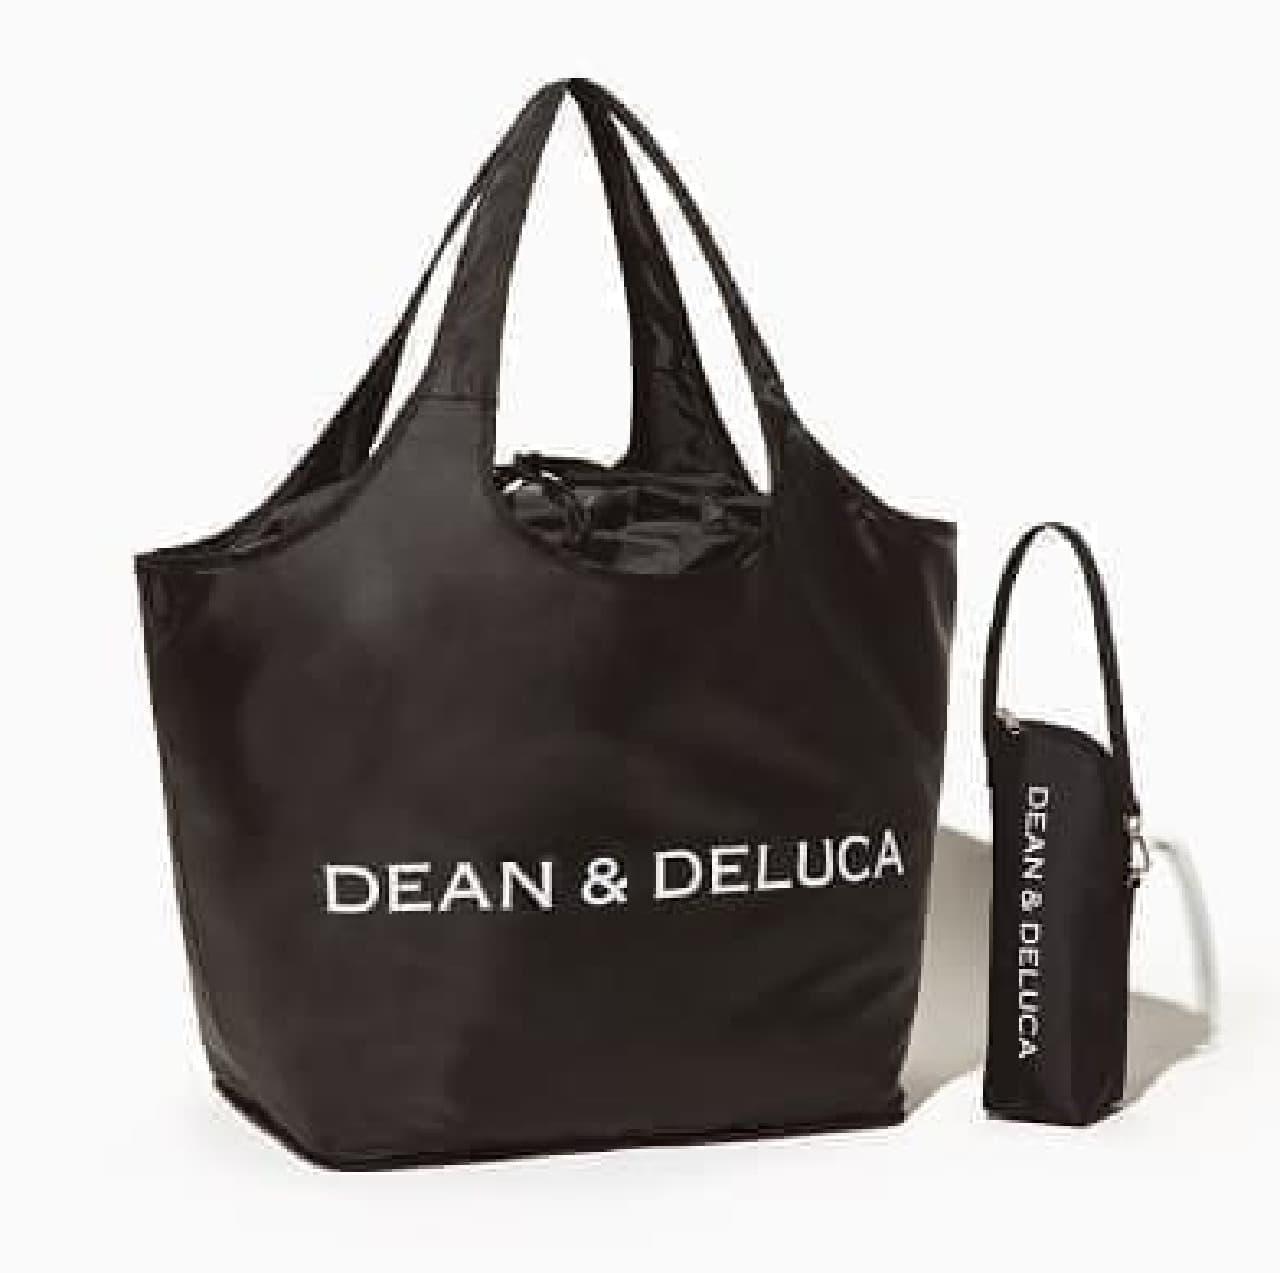 「DEAN & DELUCA(ディーン&デルーカ)」のレジかご買物バッグ